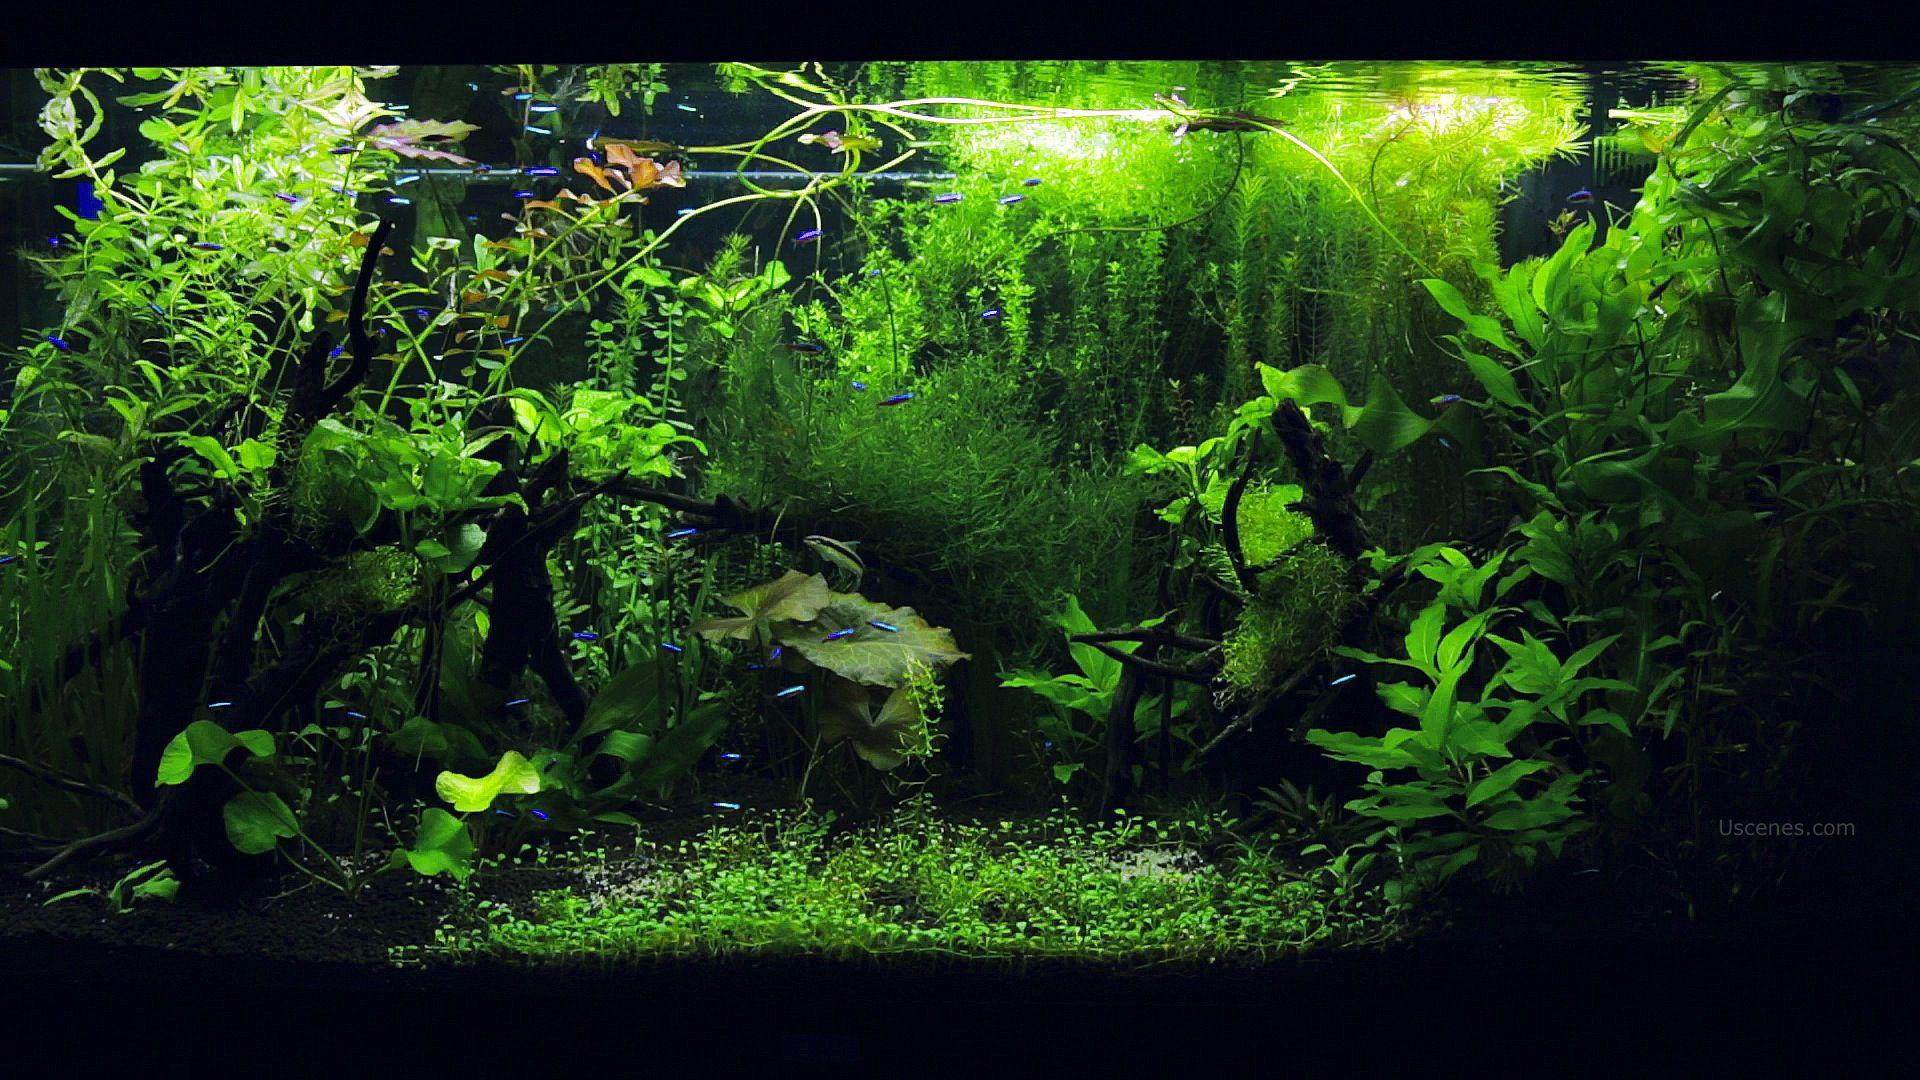 46b44105922652fec54d68f723b12d29 Frais De Aquarium En Bois Schème